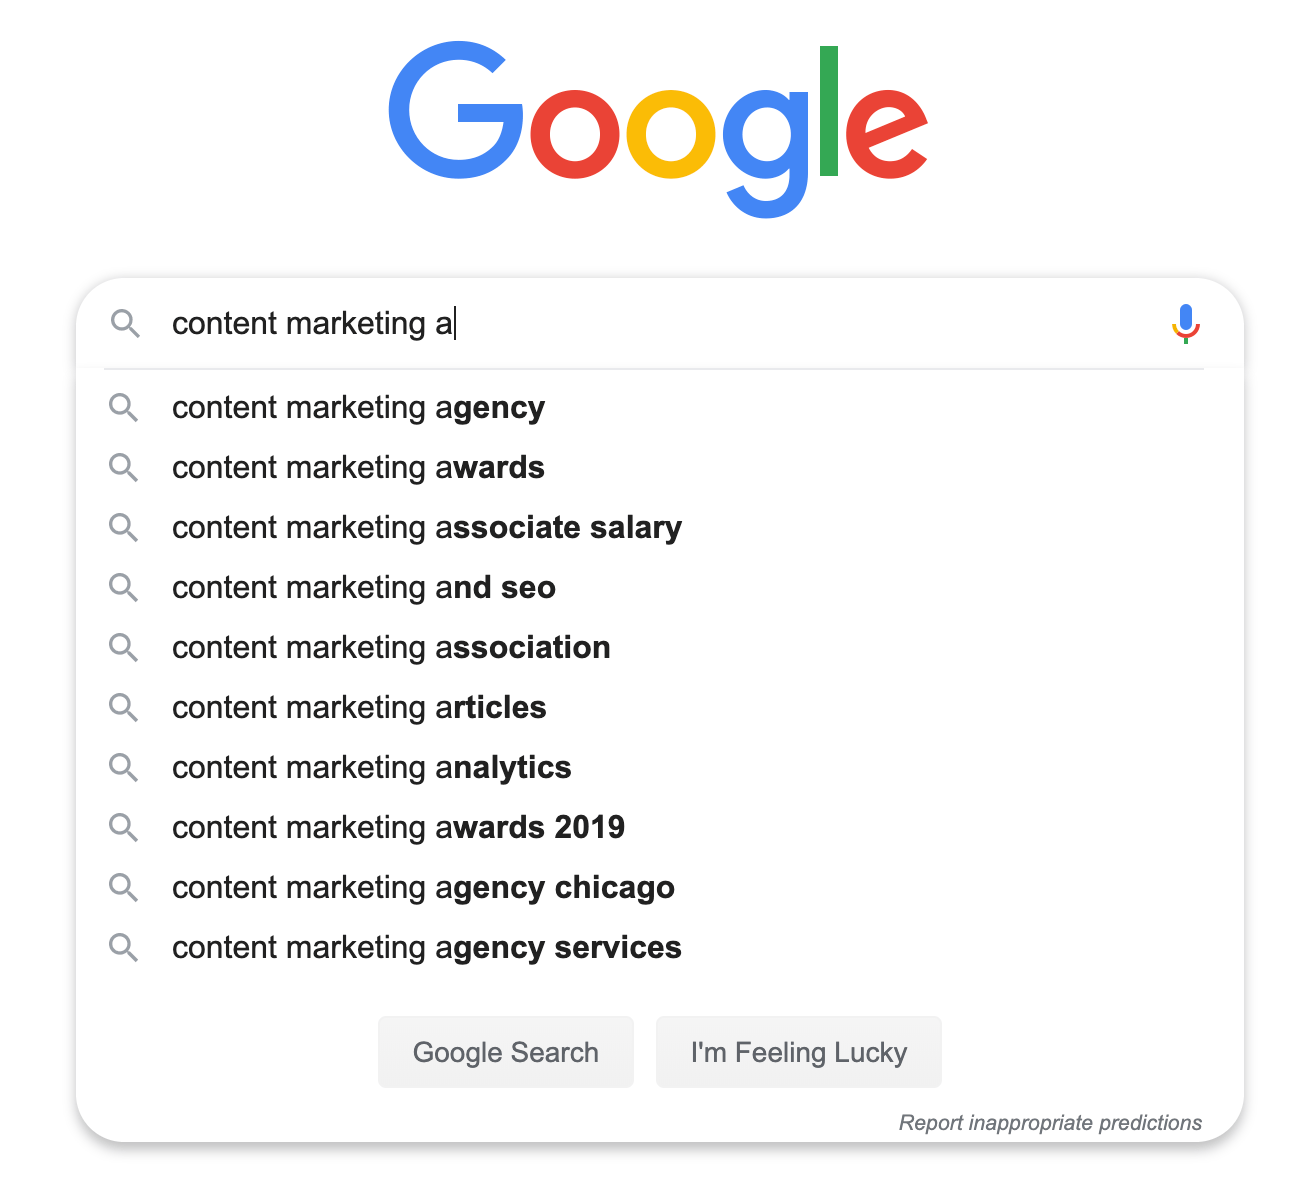 جستوجوی گوگل